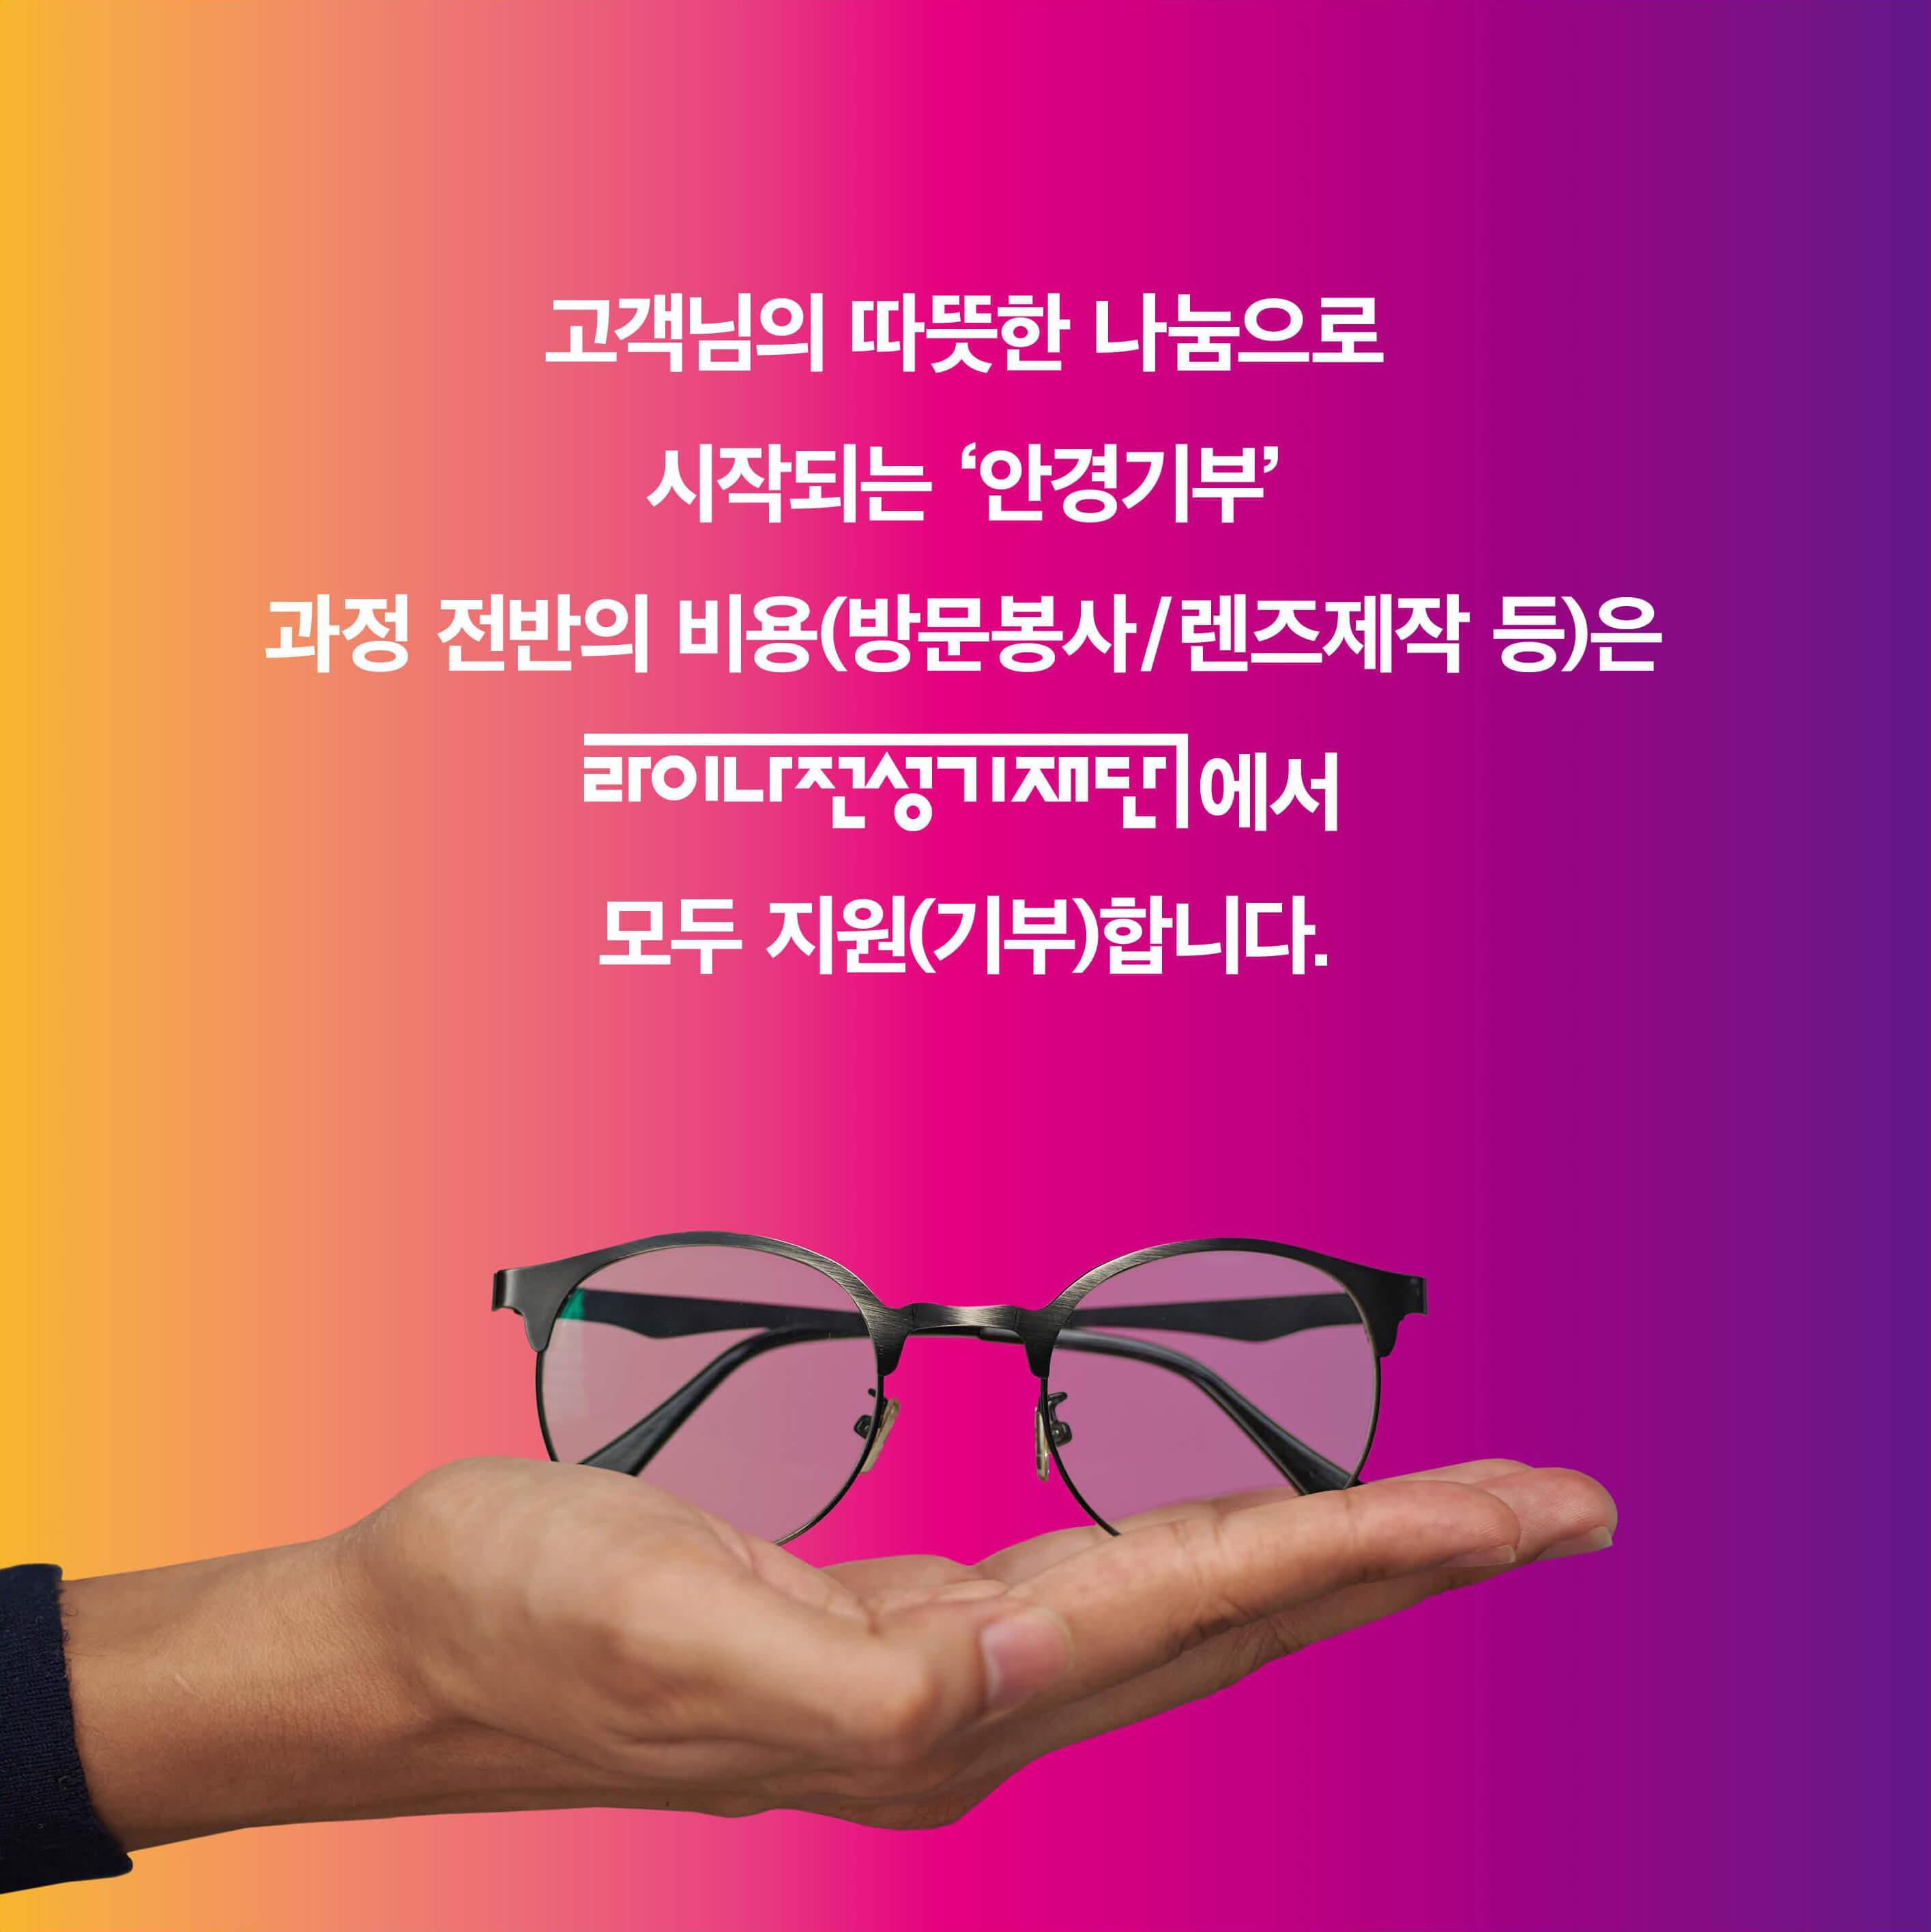 고객님의 따뜻한 나눔으로 시작되는 안경기부 과정 전반의 비용(방문봉사/렌즈제작 등)은 라이나전성기재단에서 모두 지원(기부)합니다.